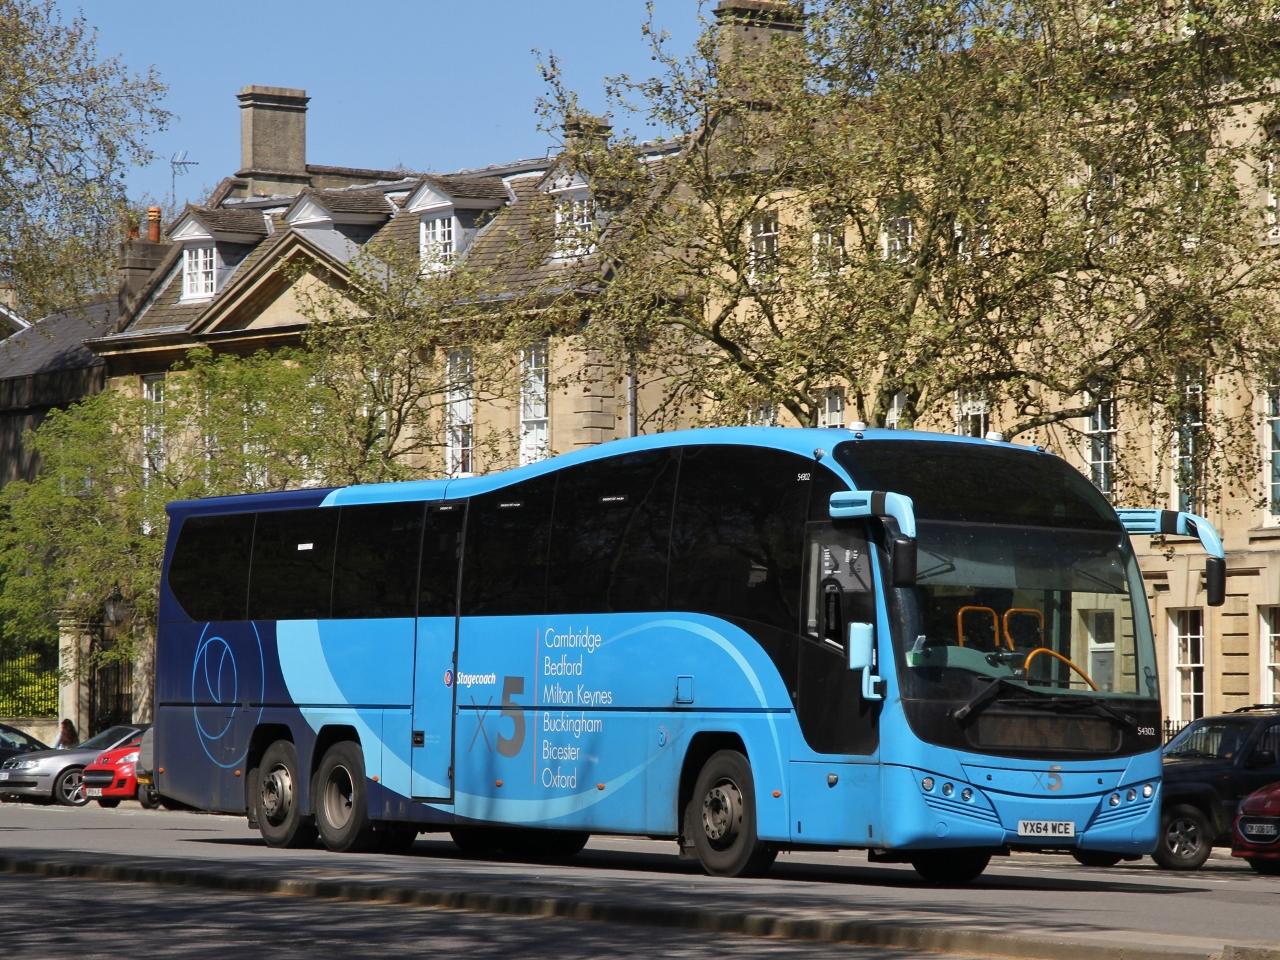 Stagecoach X5 - Wikipedia